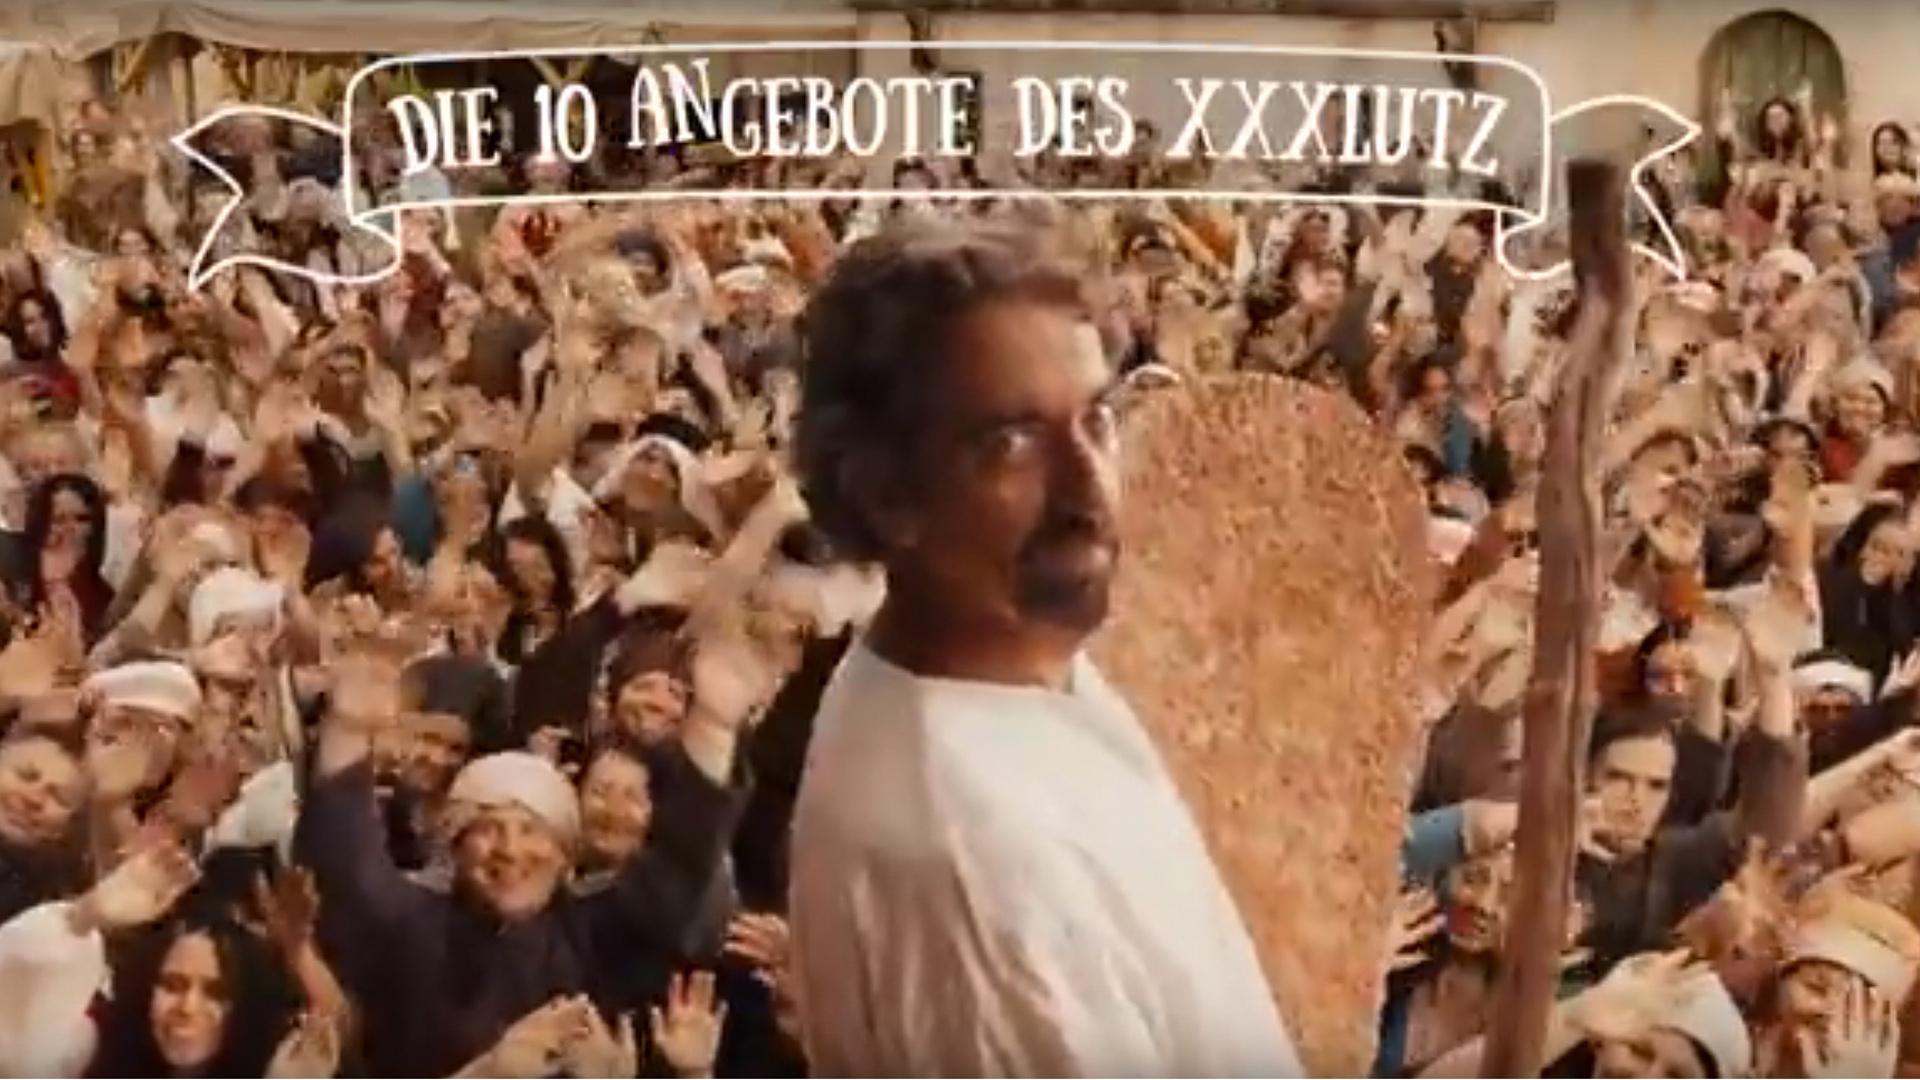 """Werbespots eines großen Einrichtungshauses sorgen derzeit in Österreich für Aufregung. Ein Schauspieler mimt die biblische Figur Mose und präsentiert """"Die zehn Gebote des XXXLutz""""."""